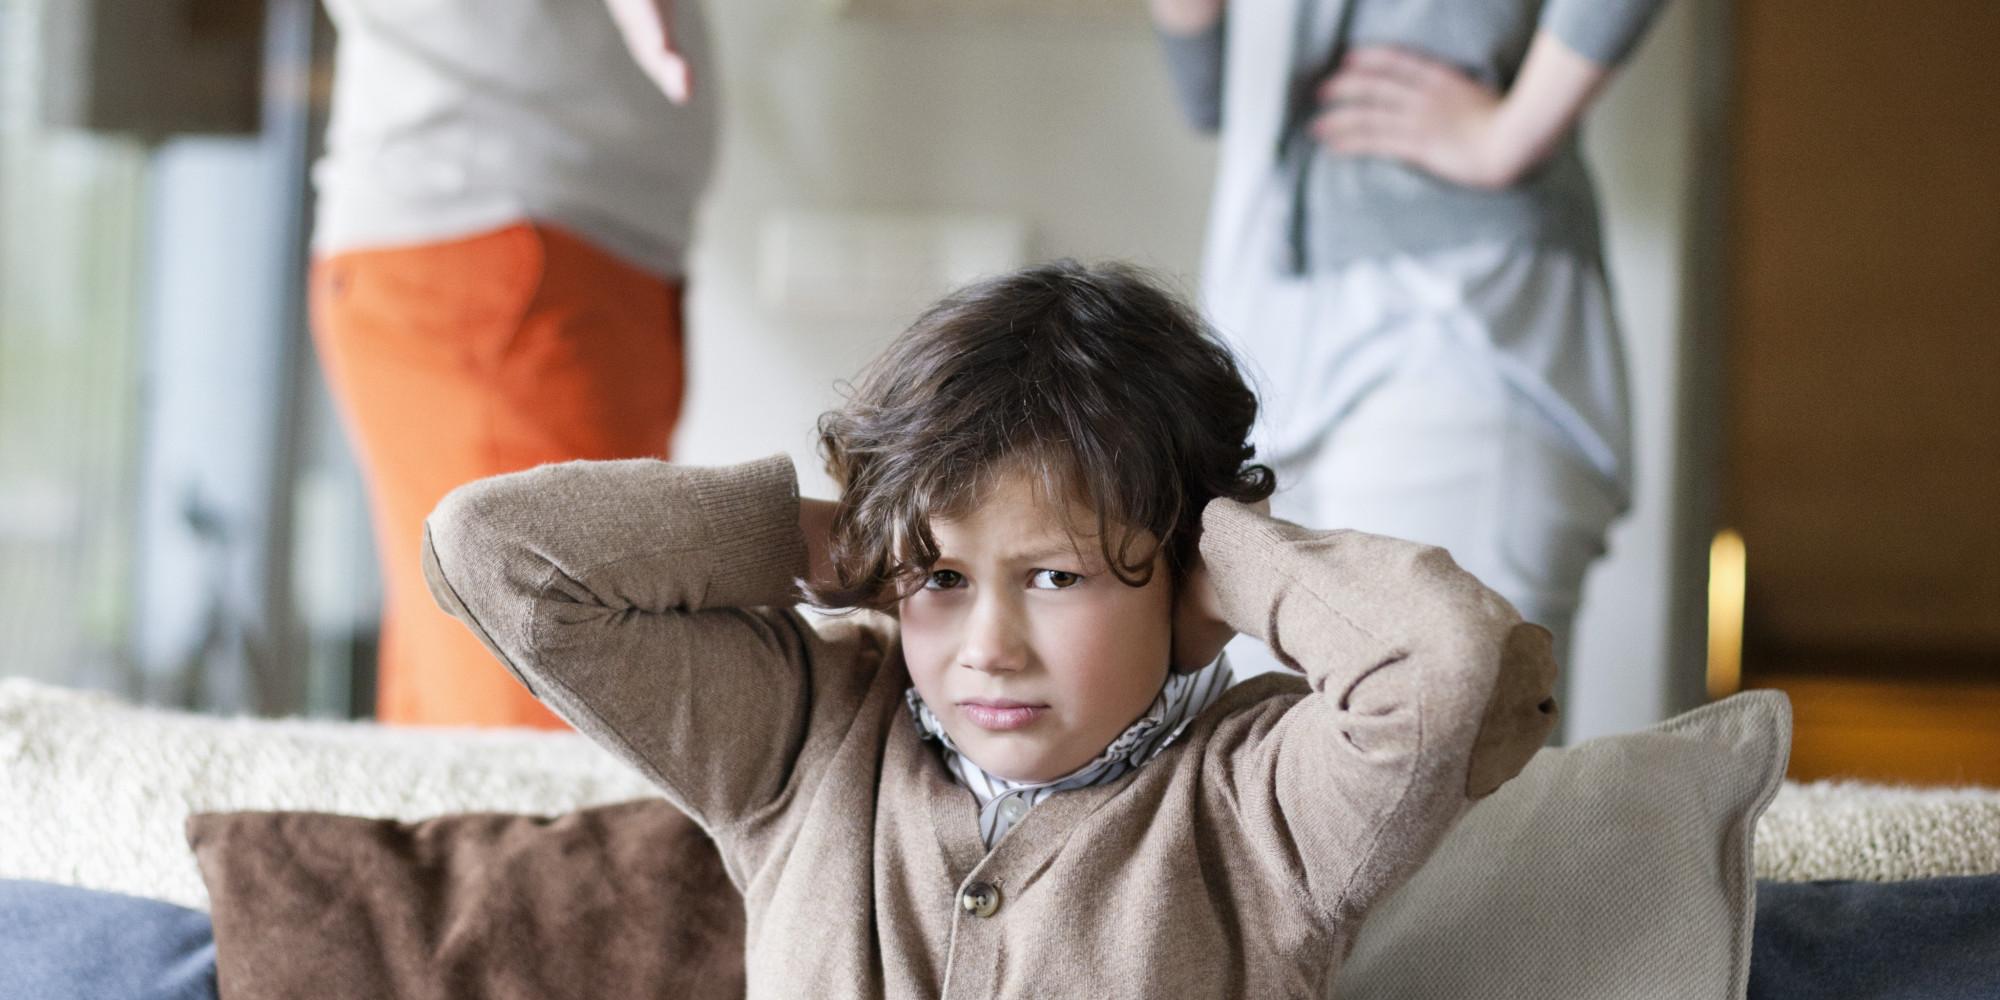 พฤติกรรมพ่อแม่ทำให้ลูกก้าวร้าว โดยไม่รู้ตัว